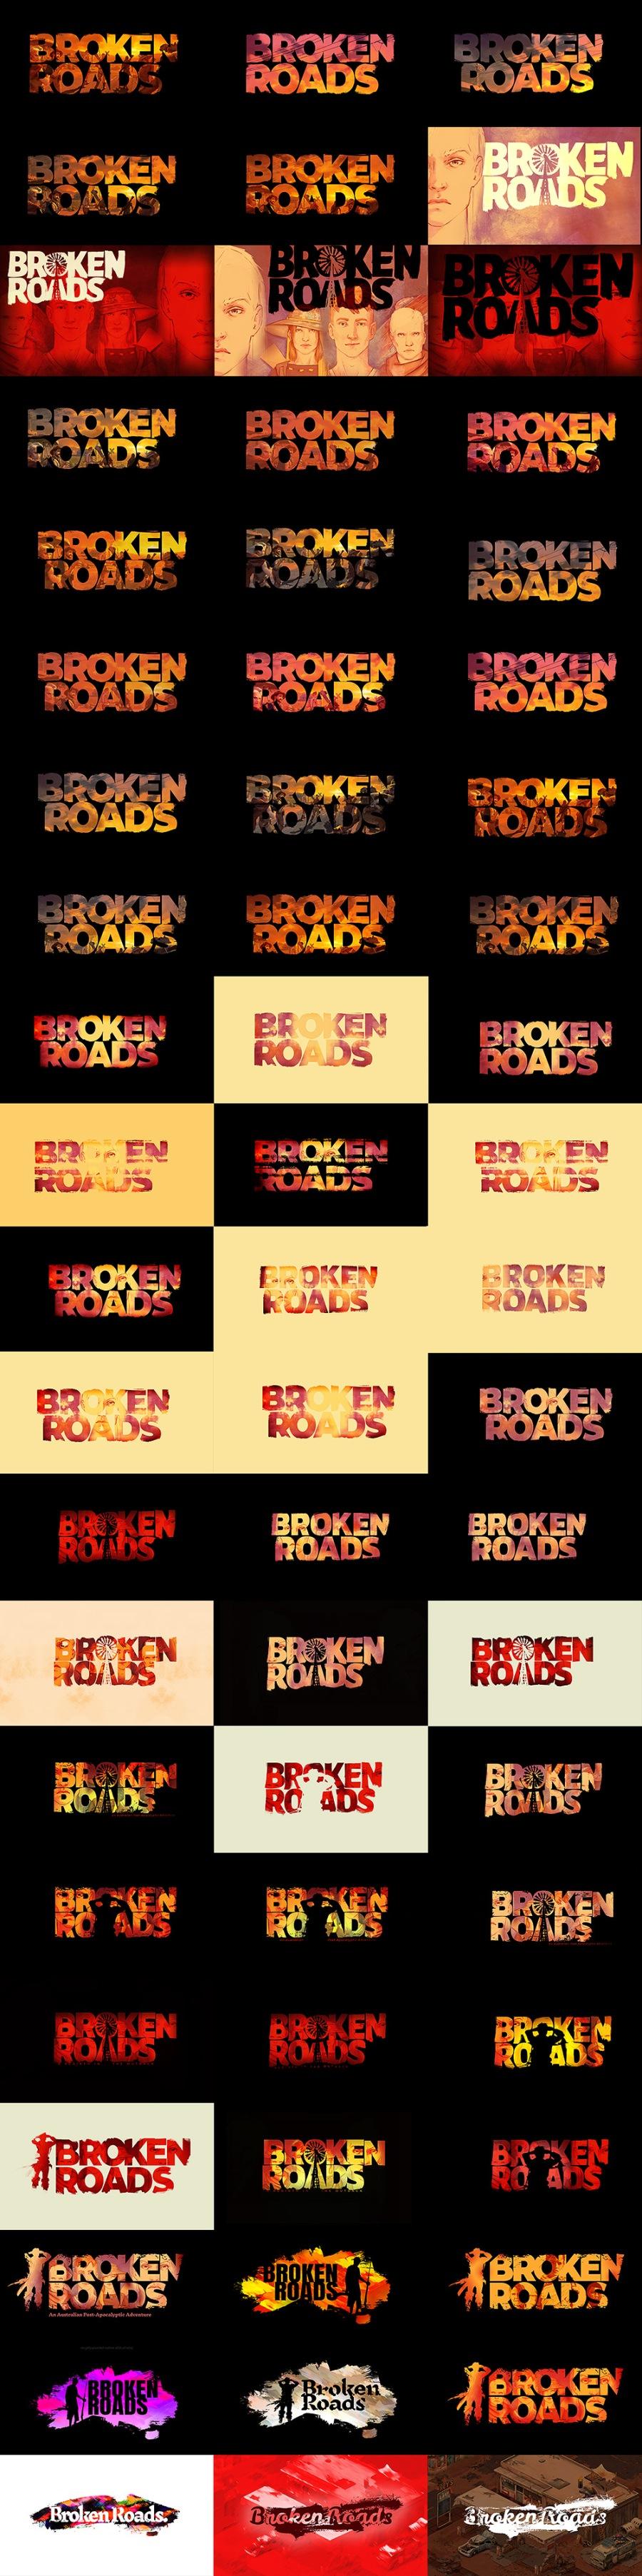 BrokenRoads_LogoComp.jpg